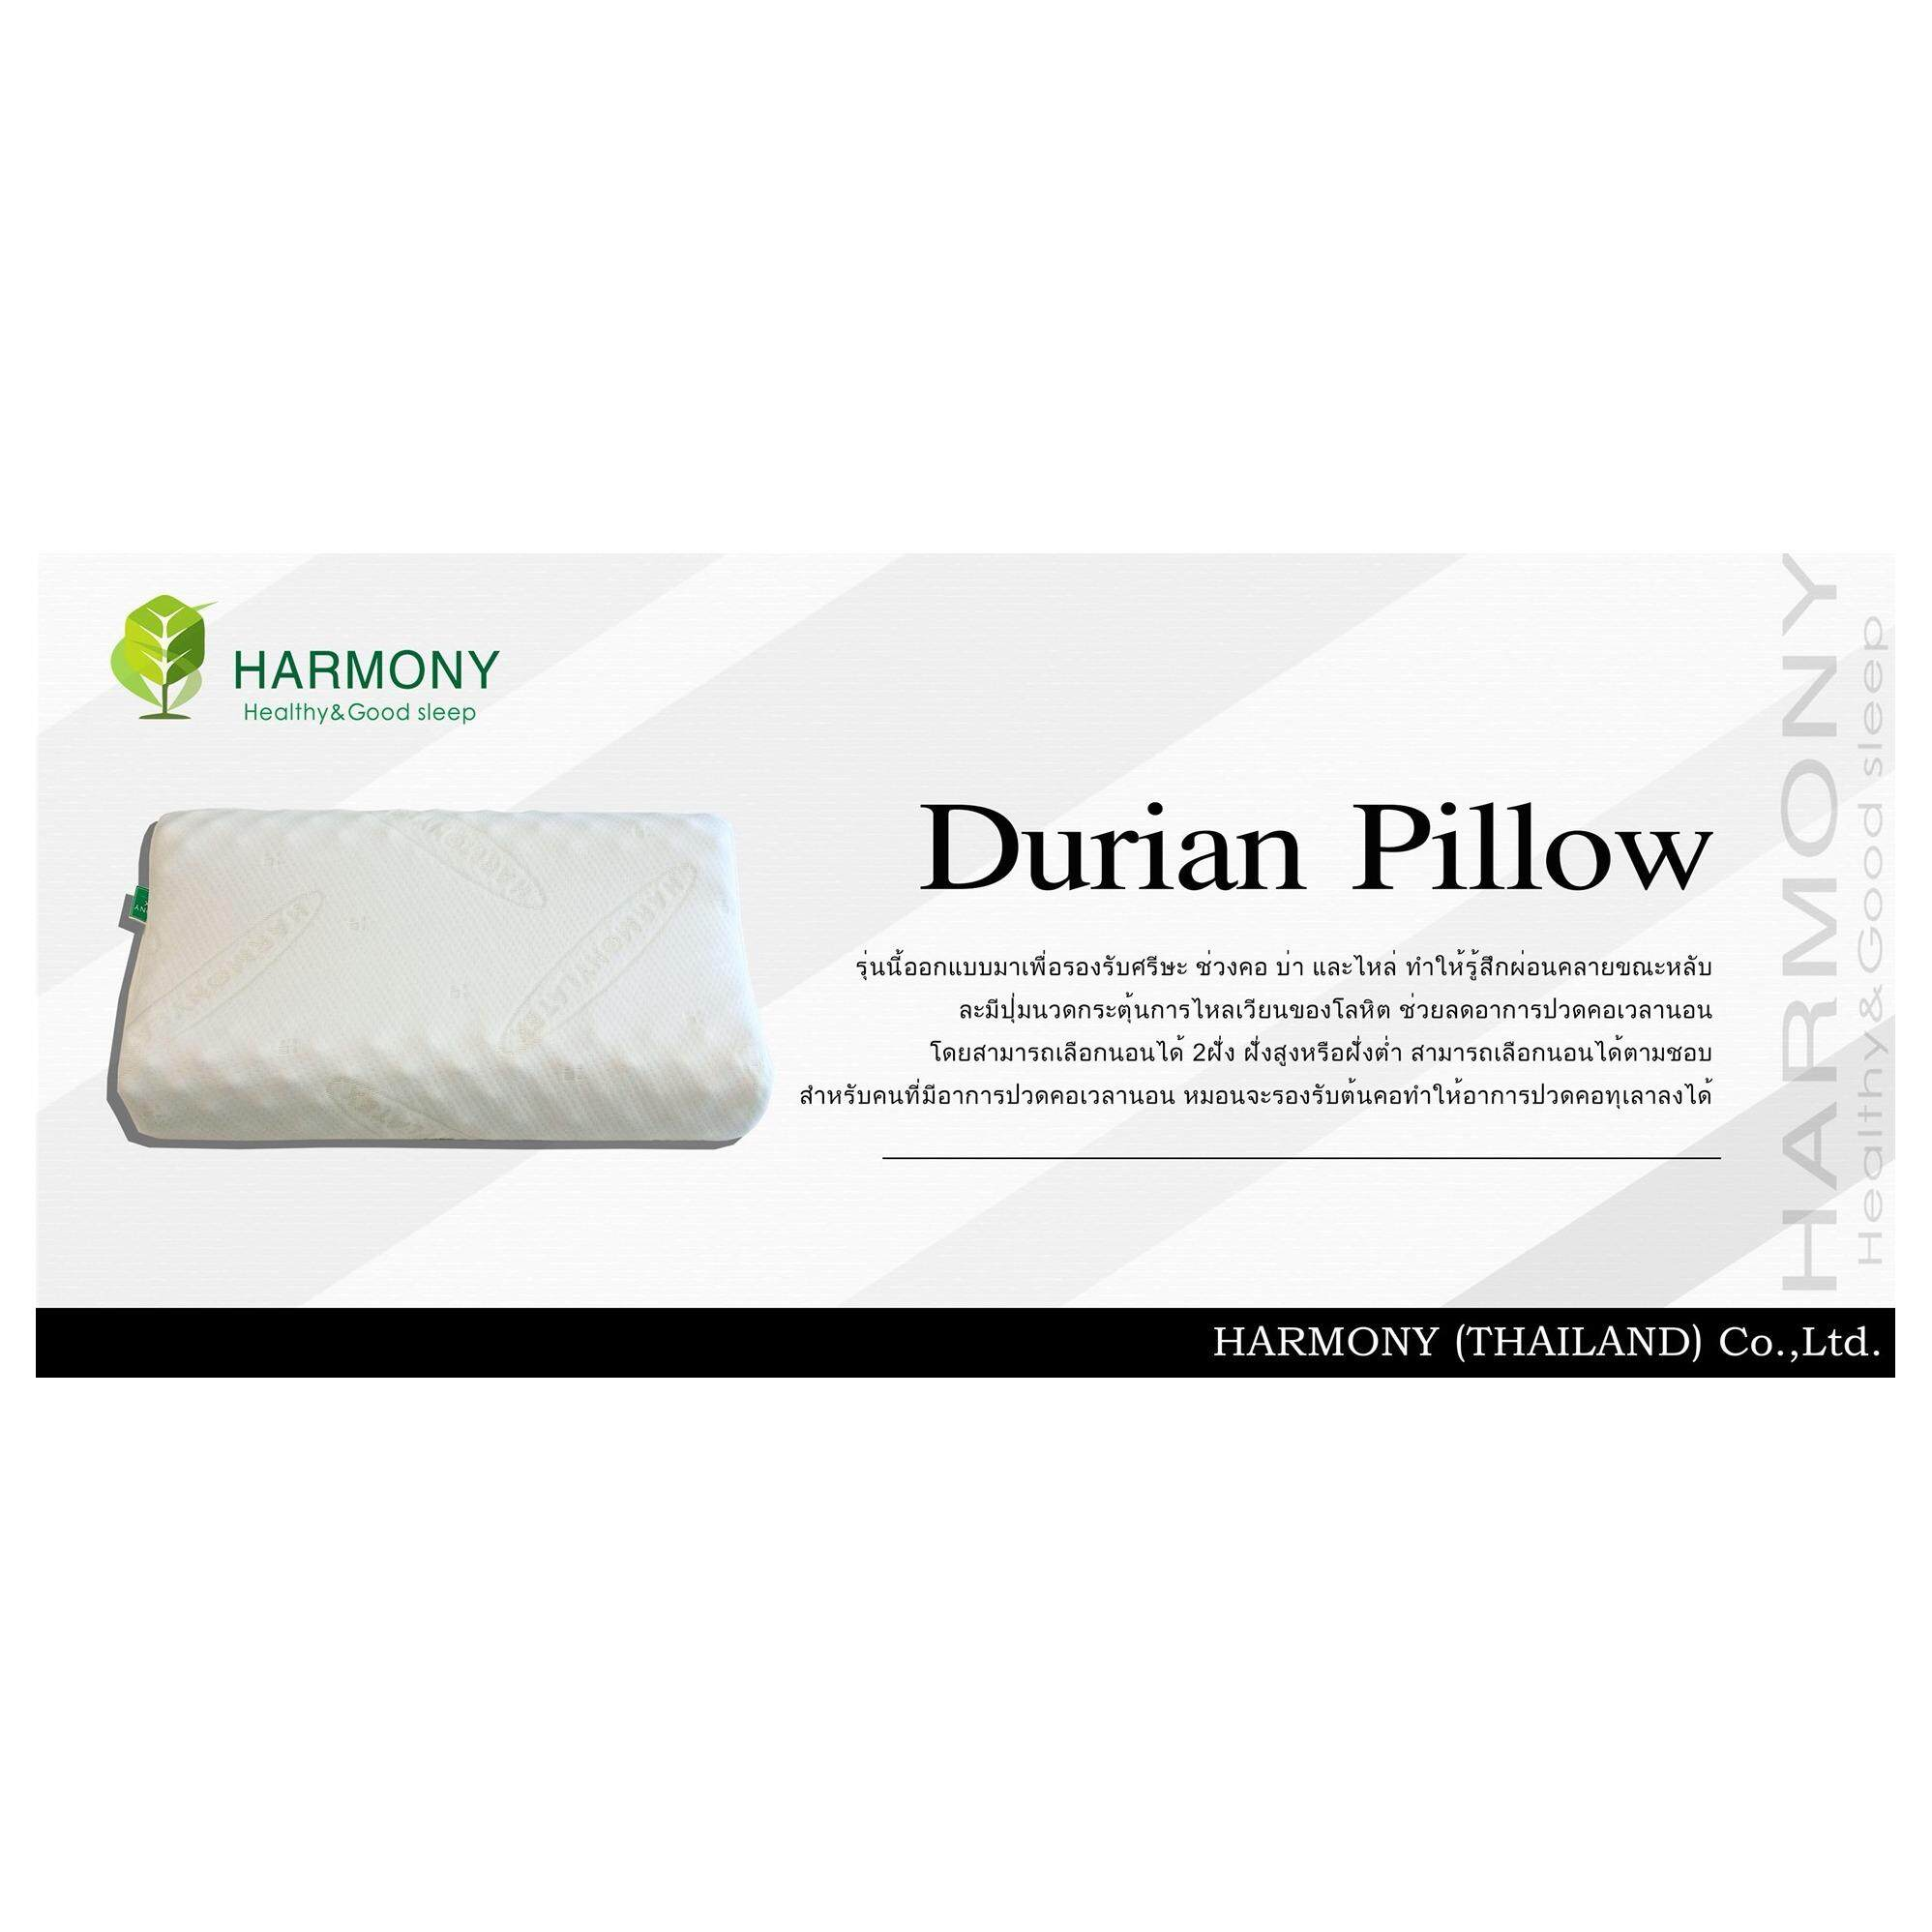 หมอนยางพารา Harmony Latex รุ่น Durian Pillow มีปุ่มนวด แก้ปวดคอ บ่า ไหล่ นอนหลับสบายตลอดคืน ไม่กรน คุณภาพดี ใช้ทนเกิน 10 ปี หมอนไม่ยุบ ไม่แบน ของแท้ 100% ยางพาราแท้ ไม่ผสม ส่งฟรีถึงมือคุณ แถมถุงผ้าช้อปปิ้งรักษ์โลก